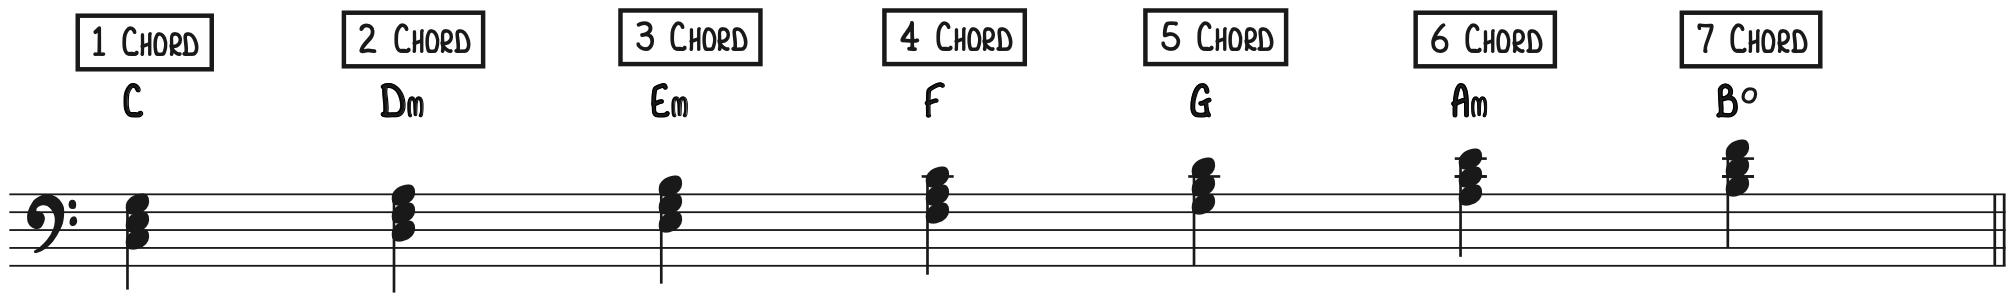 Diatonic Triads in C Major